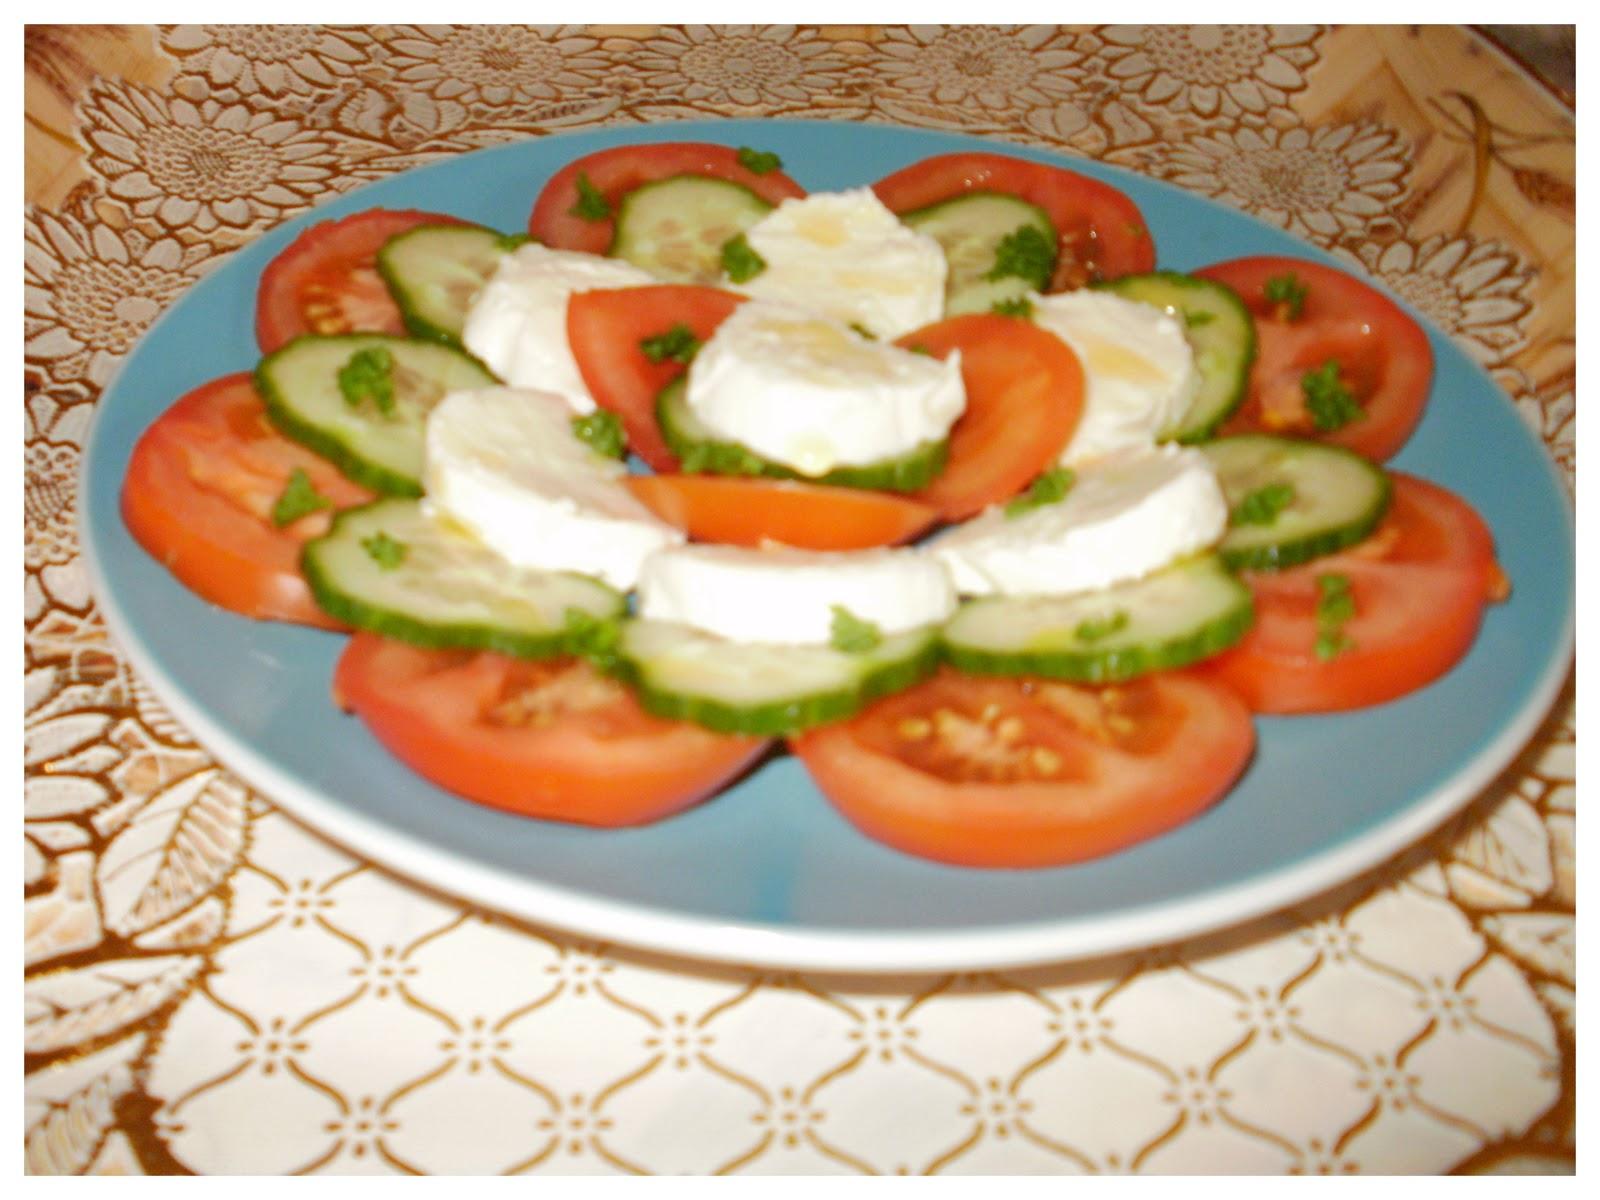 Cuisine de nejma entr e avec une petite salade for Petite entree simple